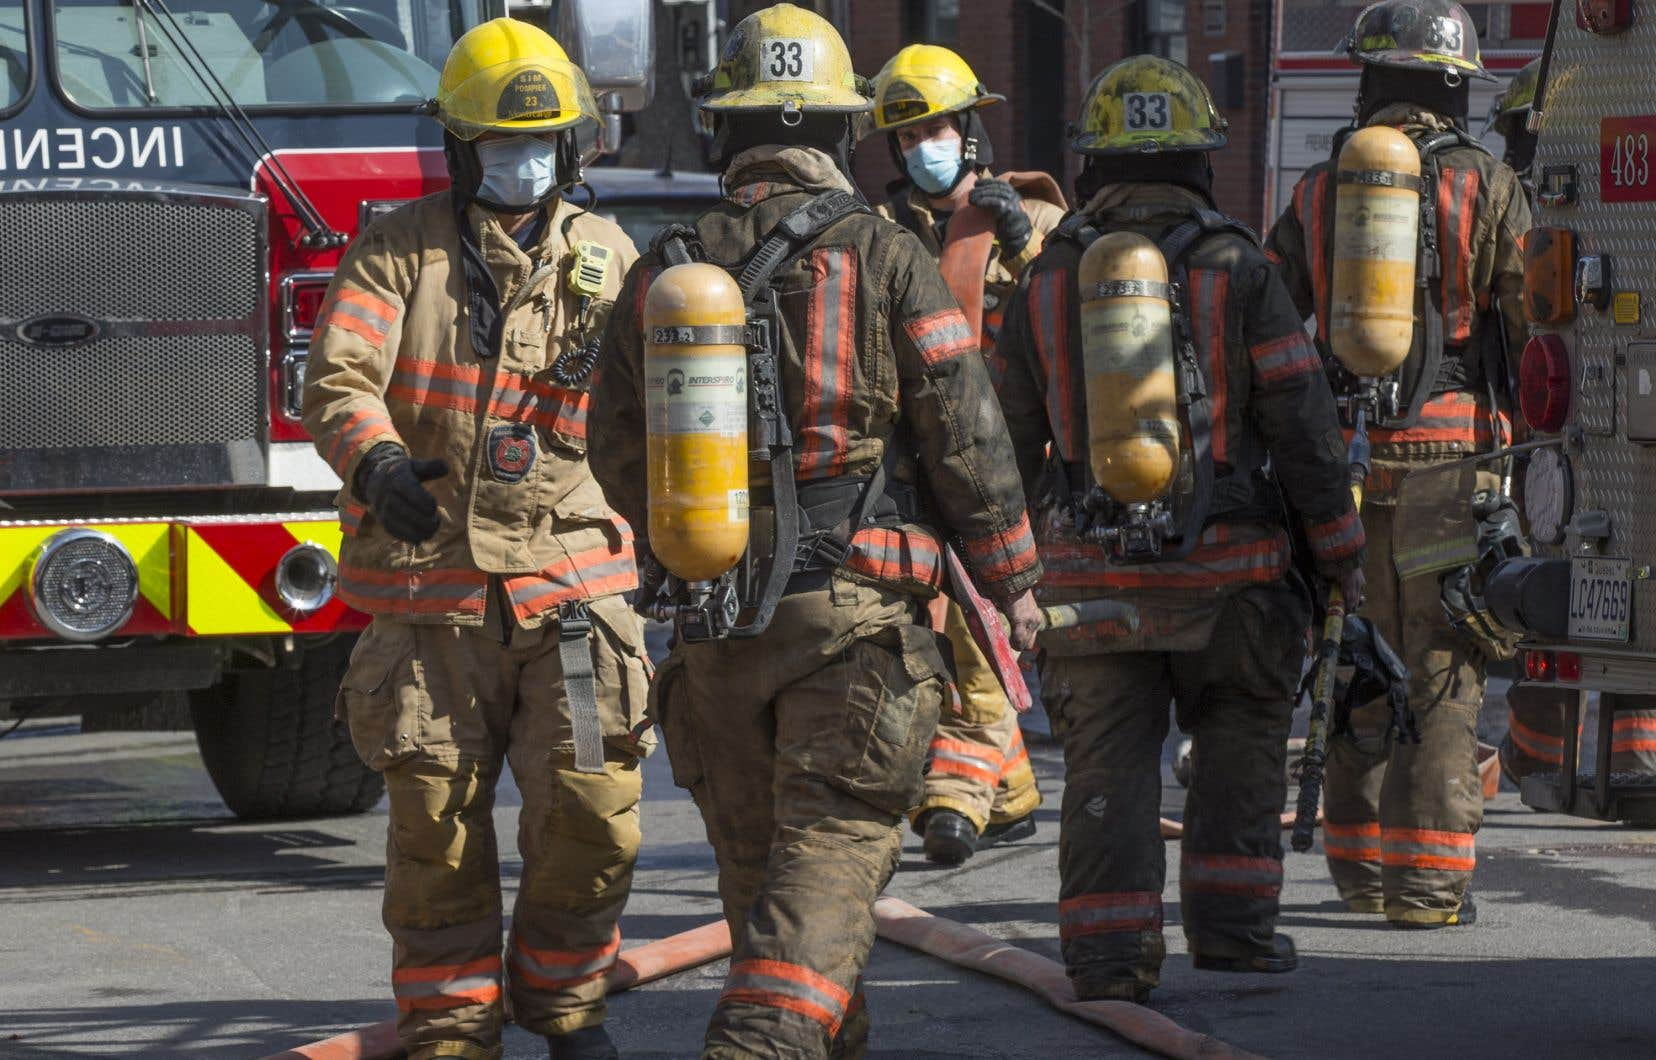 Des pompiers, ambulanciers et policiers ont été dépêchés sur les lieux, a indiqué la sergente Hélène St-Pierre, une porte-parole de la SQ.